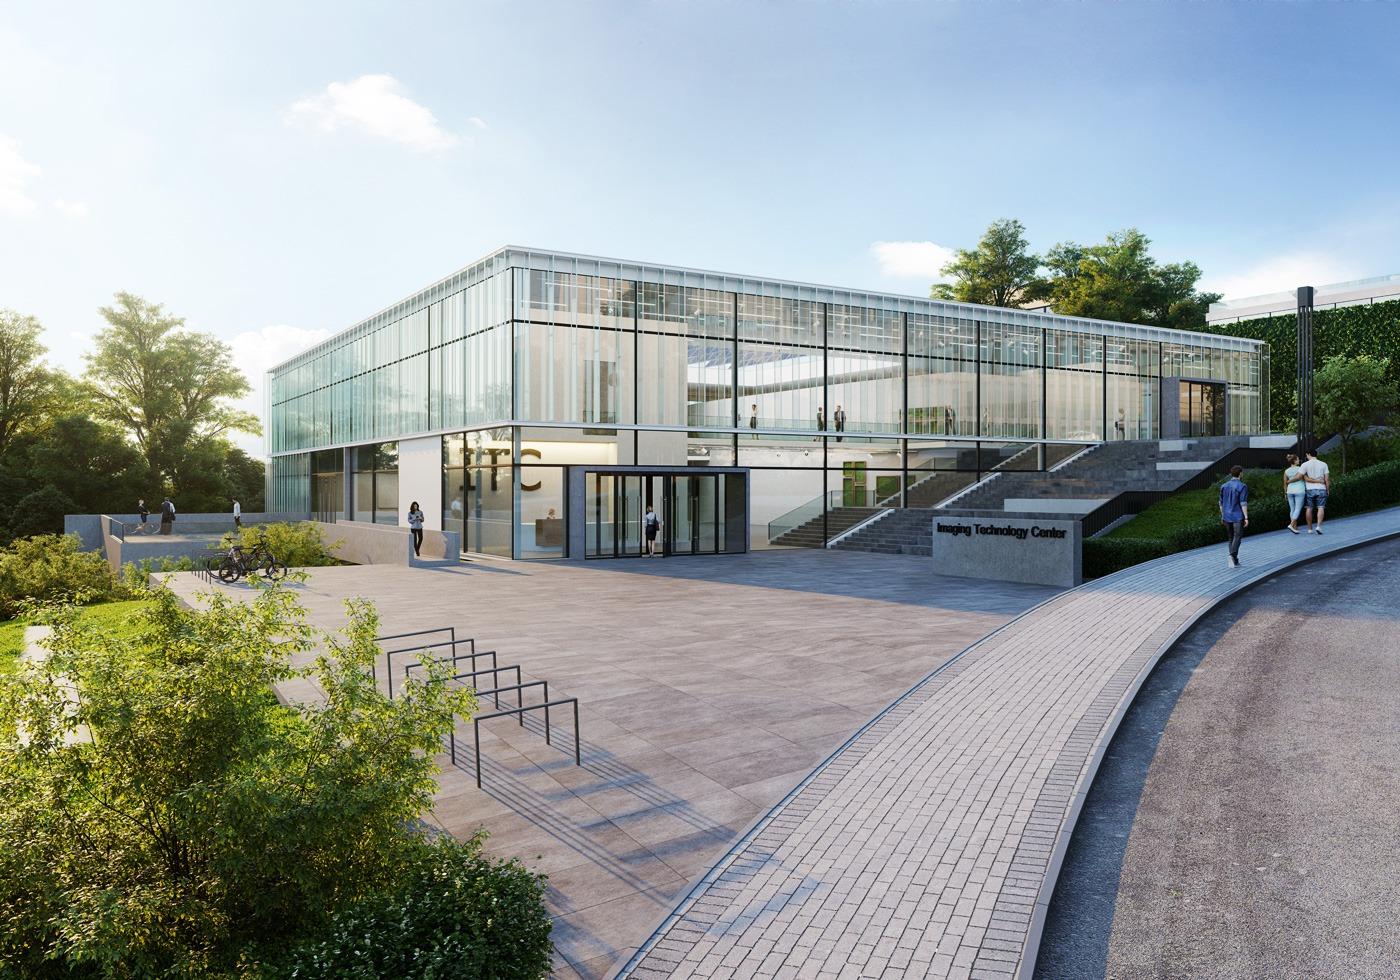 Architekturvisualisierung embl heidelberg render vision - Renderings architektur ...